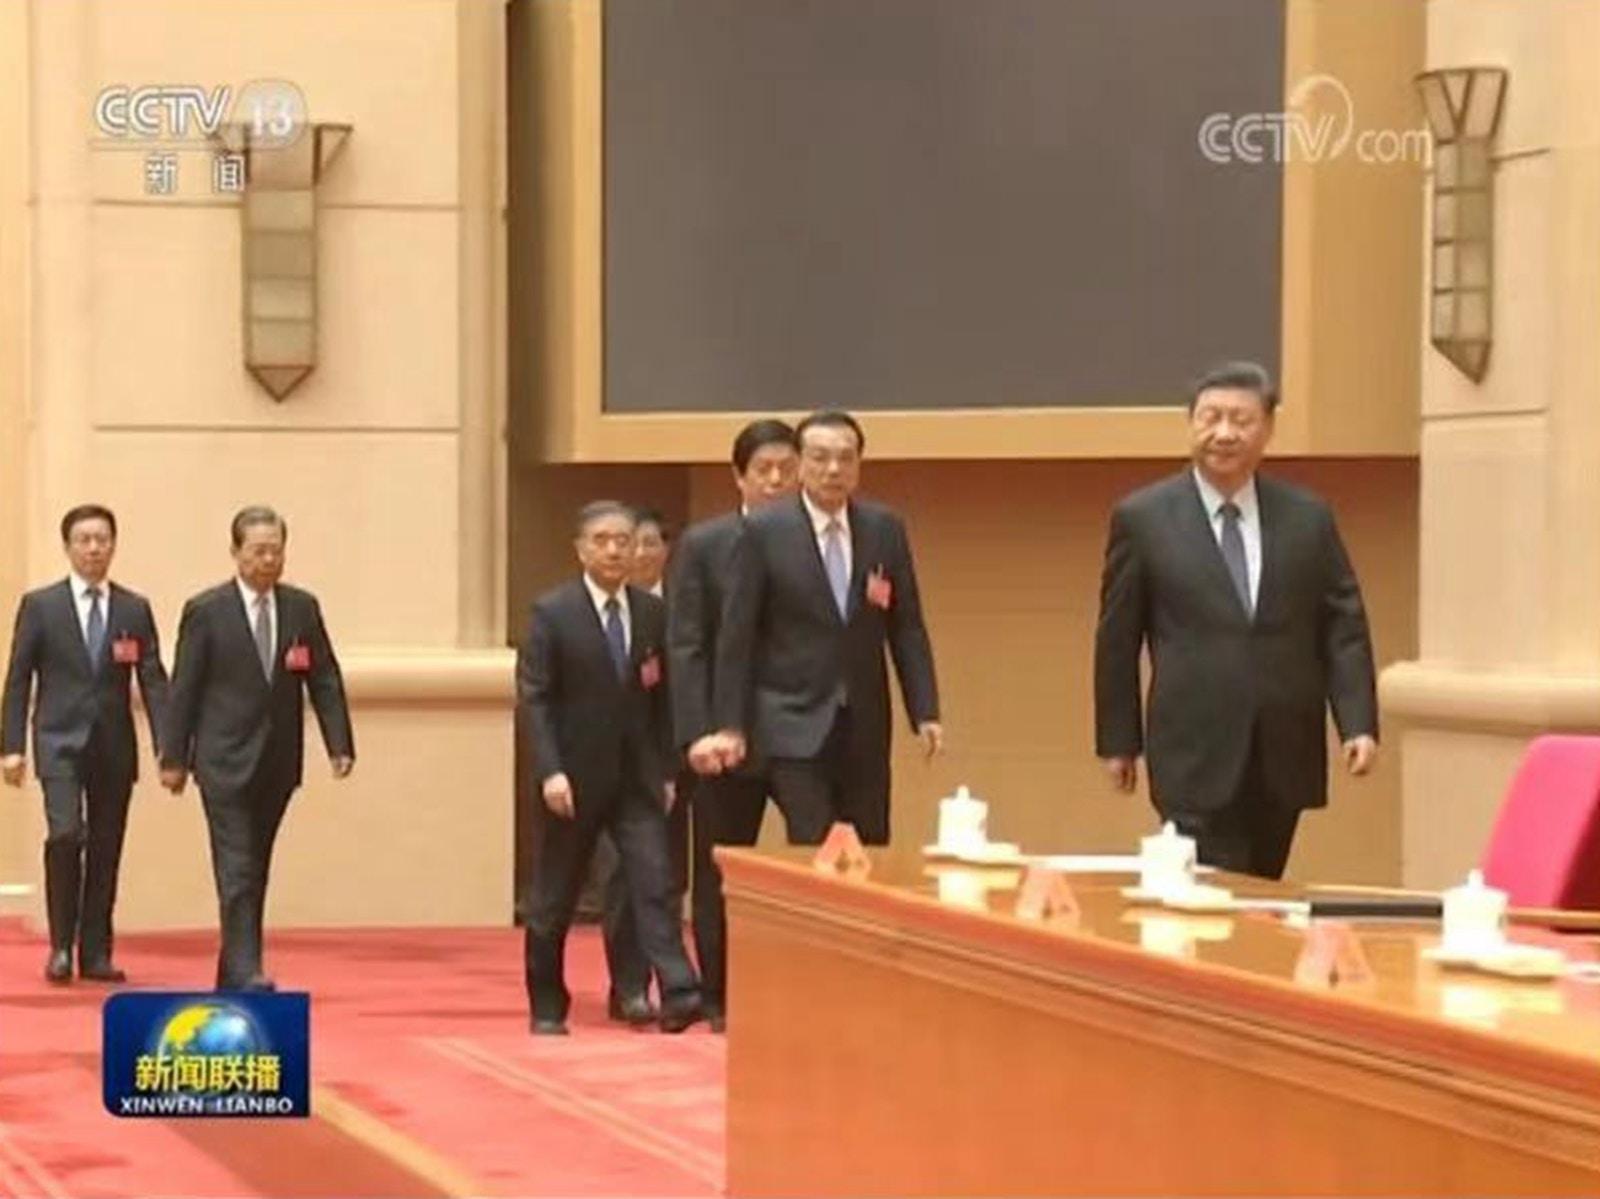 中国中央经济工作会议日前举行。(视频截图)